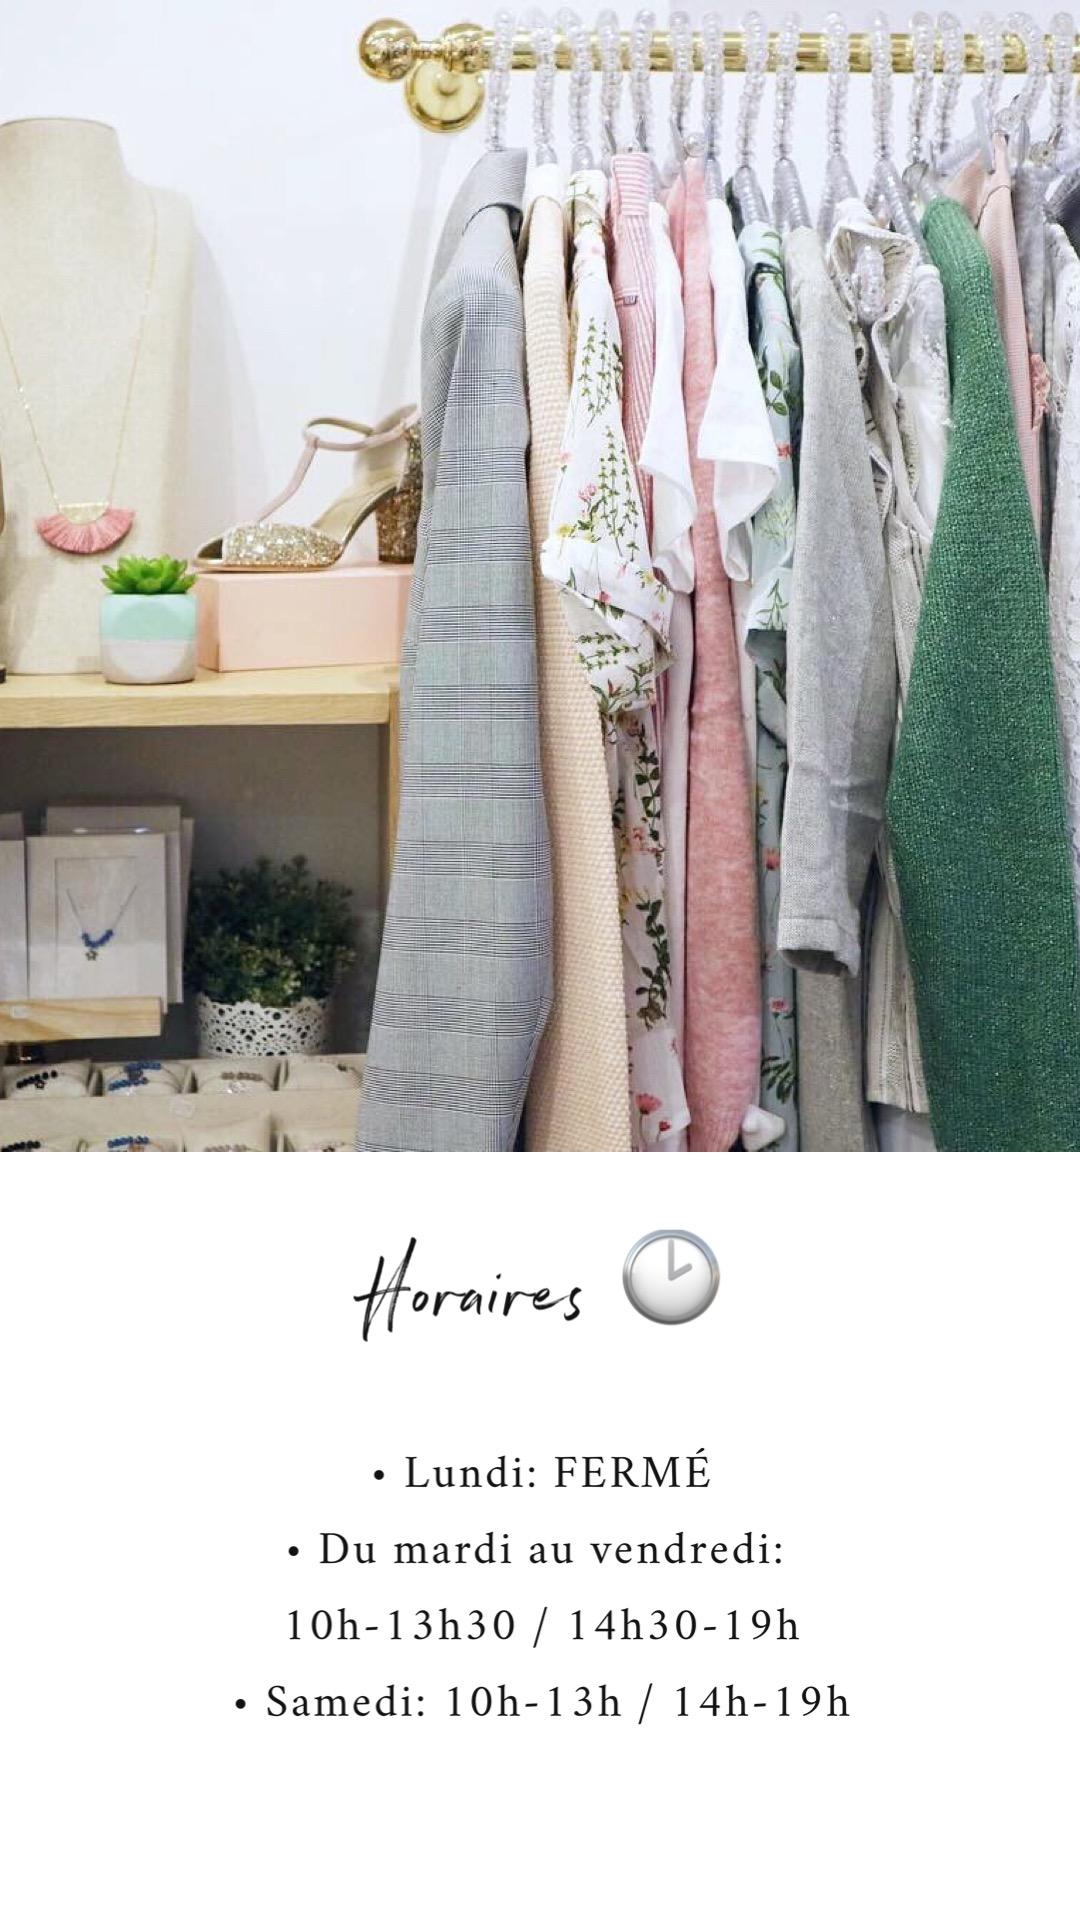 nos_boutiques_javotine_les_petits_javotins_6.jpg